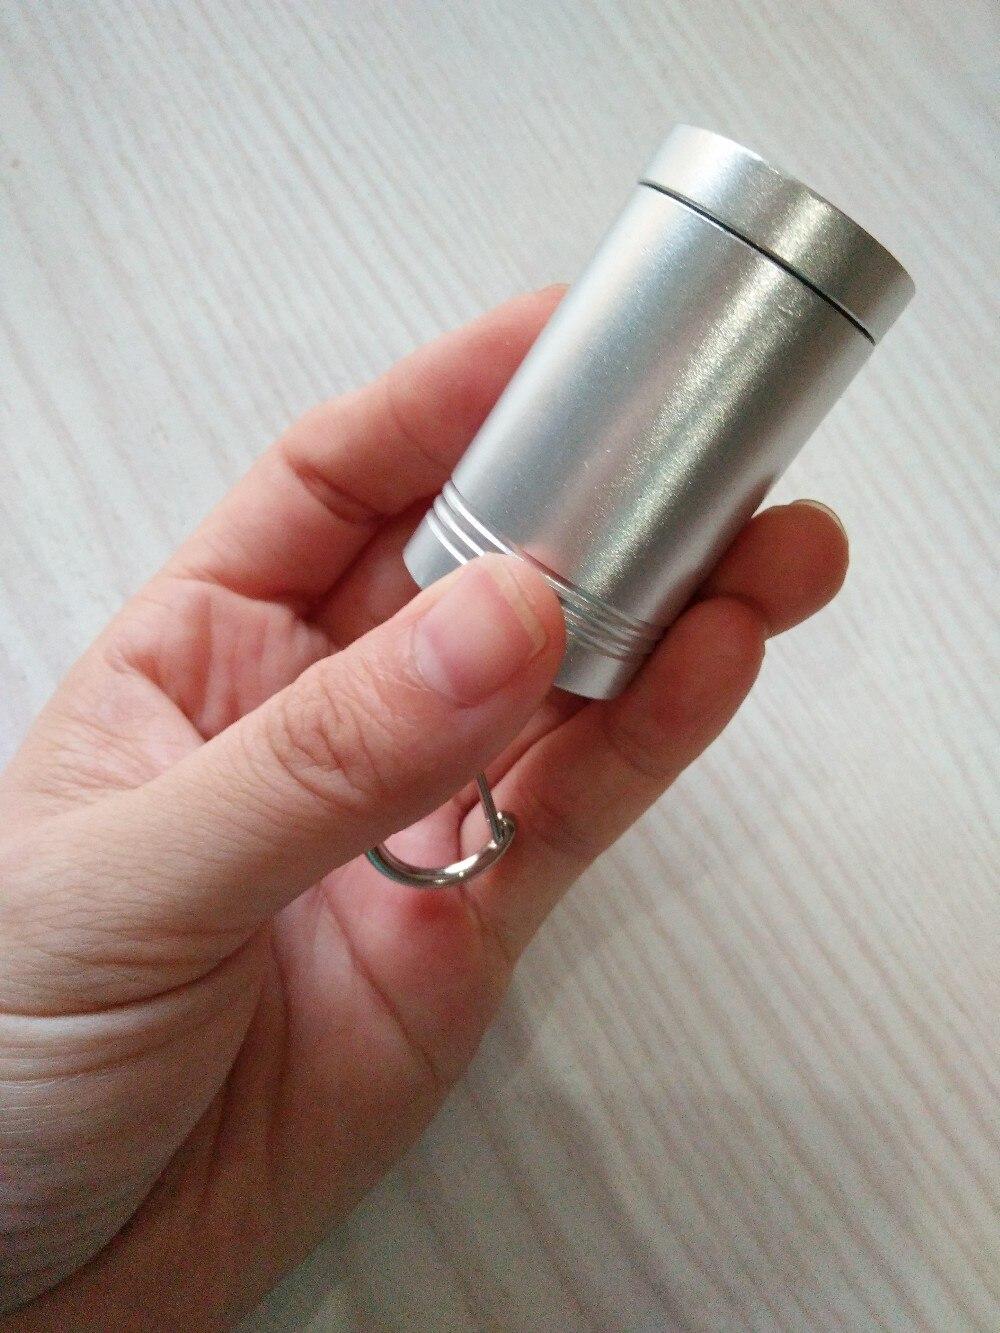 Новое поступление! Портативный сильных магнитных Гольф деташер, внутренняя сила 12000gs жесткий тег openner eas деташер